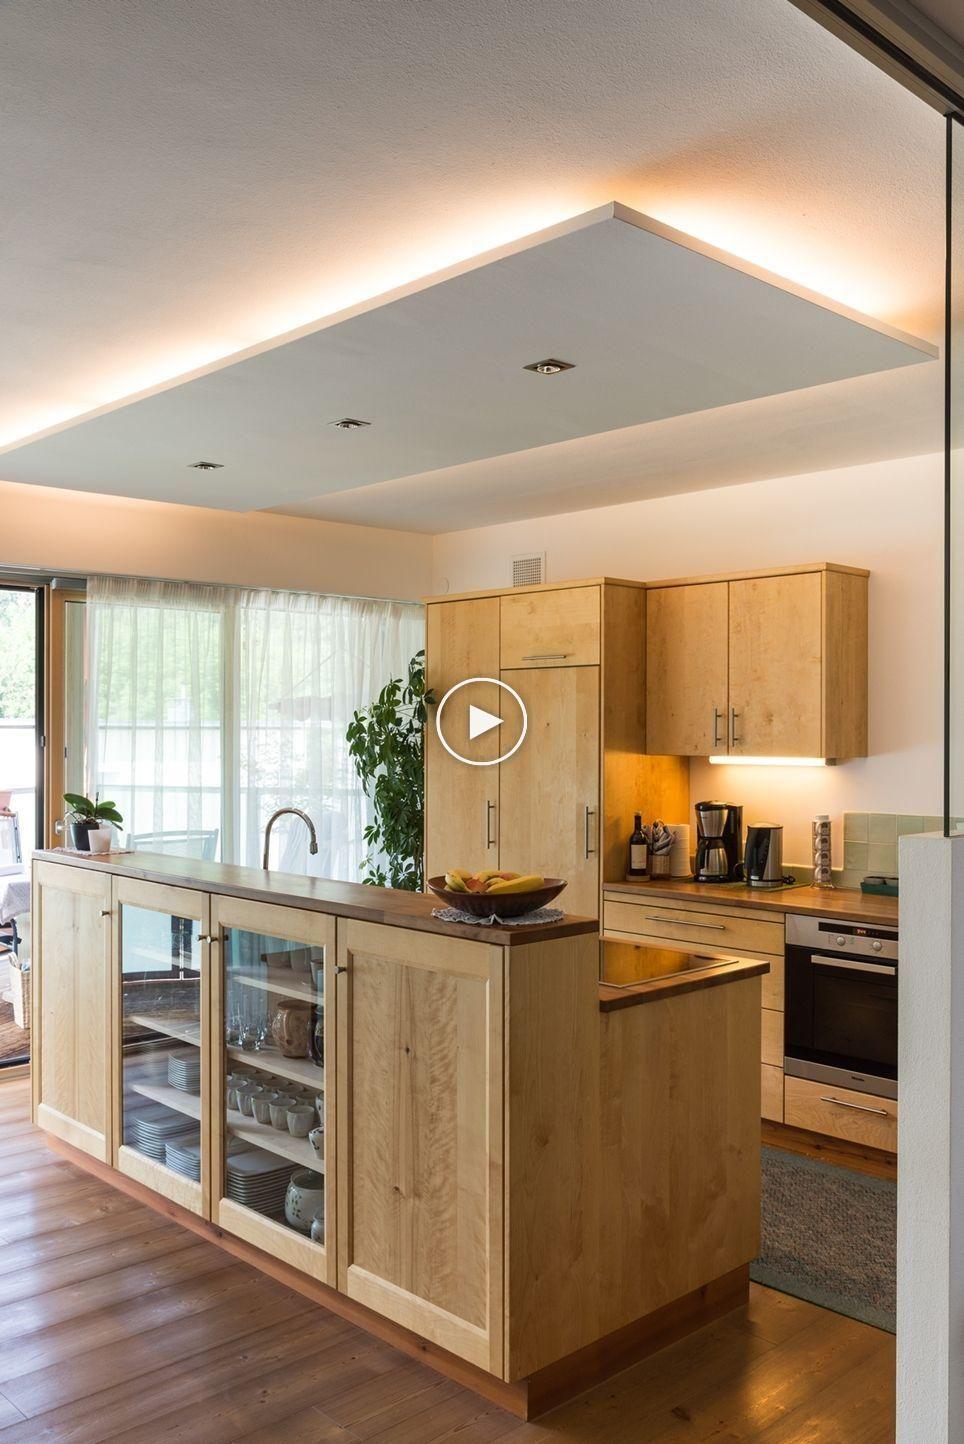 Kuche In Birke Massiv Naturholz Tischlerei Lunger Sudtirol Hausideen Hausdekoration In 2020 Kuche Landhaus Modern Massivholzkuchen Und Kuchen Esszimmer Ideen